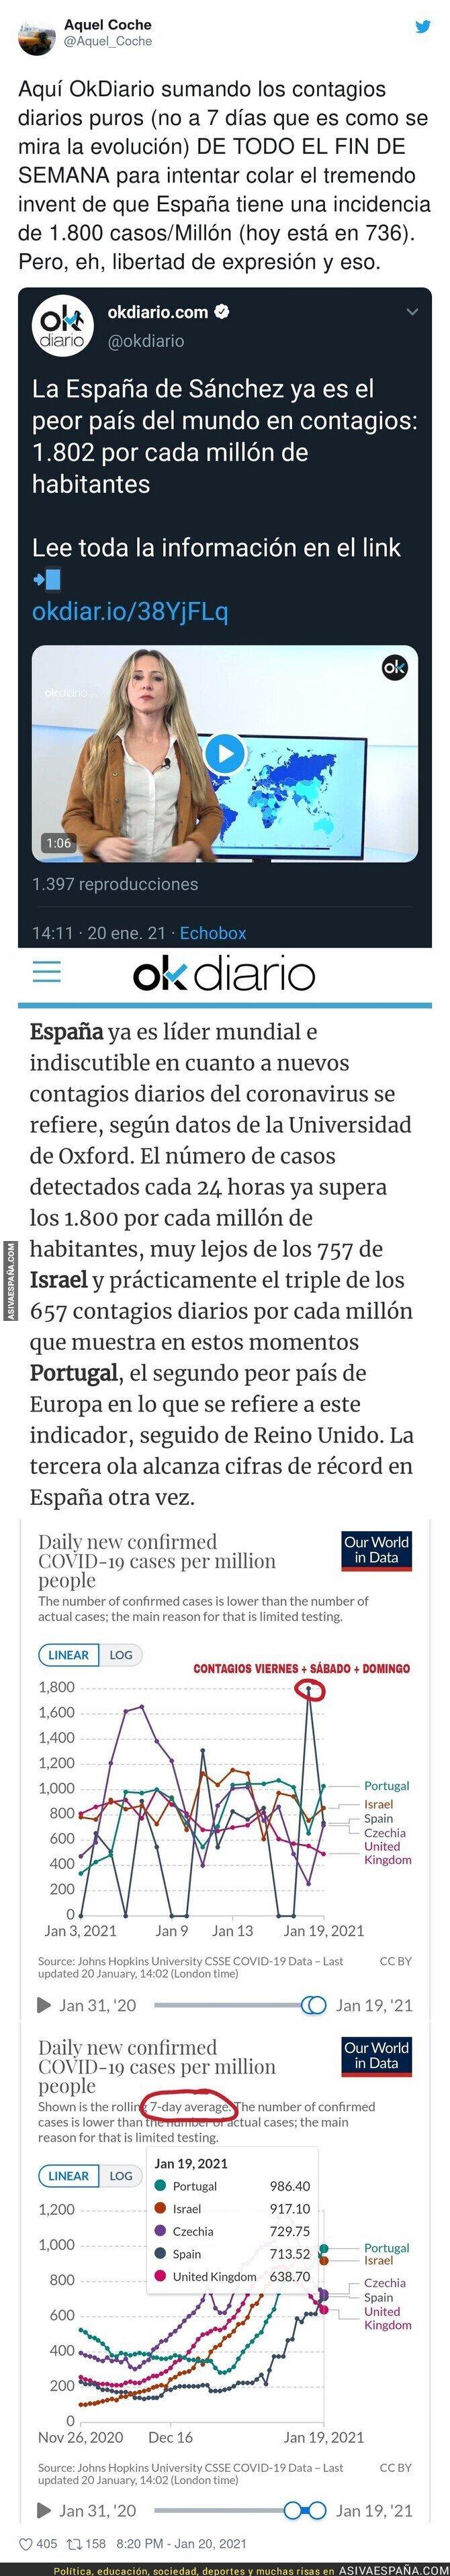 561694 - OkDiario sumando a su manera para escandalizar más la situación de contagios en España